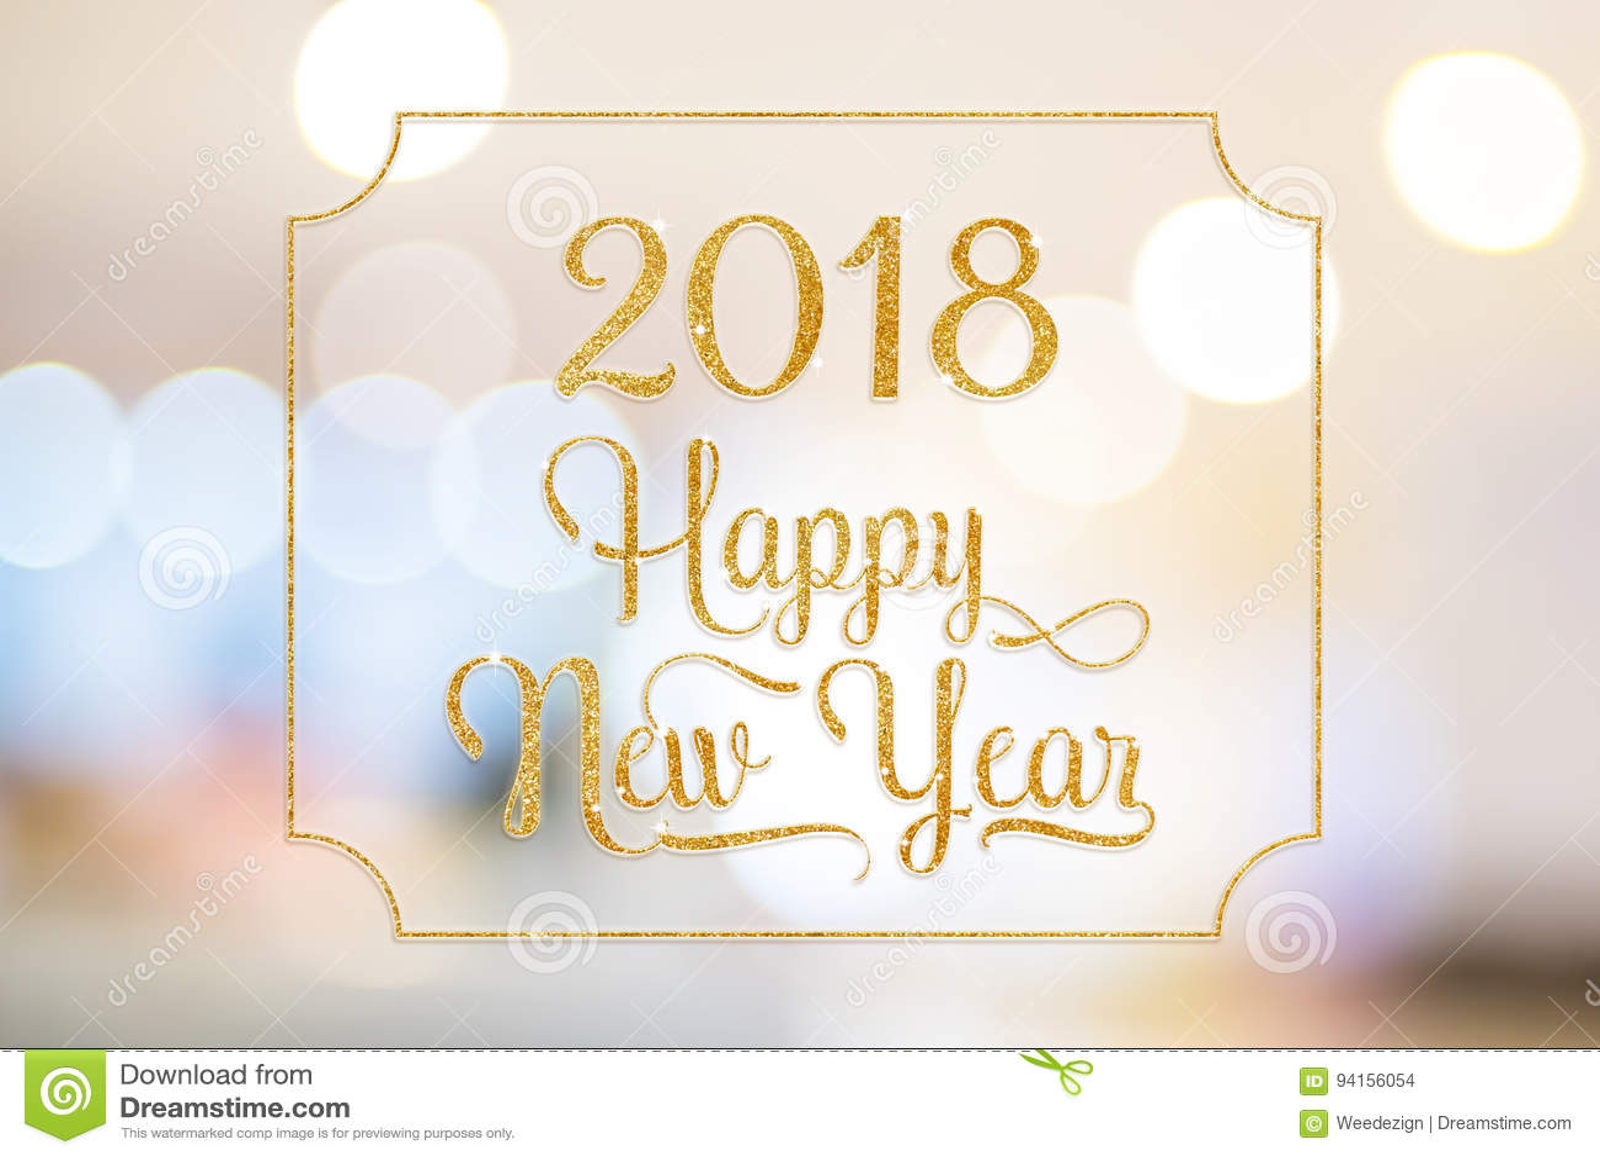 Το χρυσό σπινθήρισμα καλής χρονιάς το 2018 ακτινοβολεί λέξη με το χρυσό fram